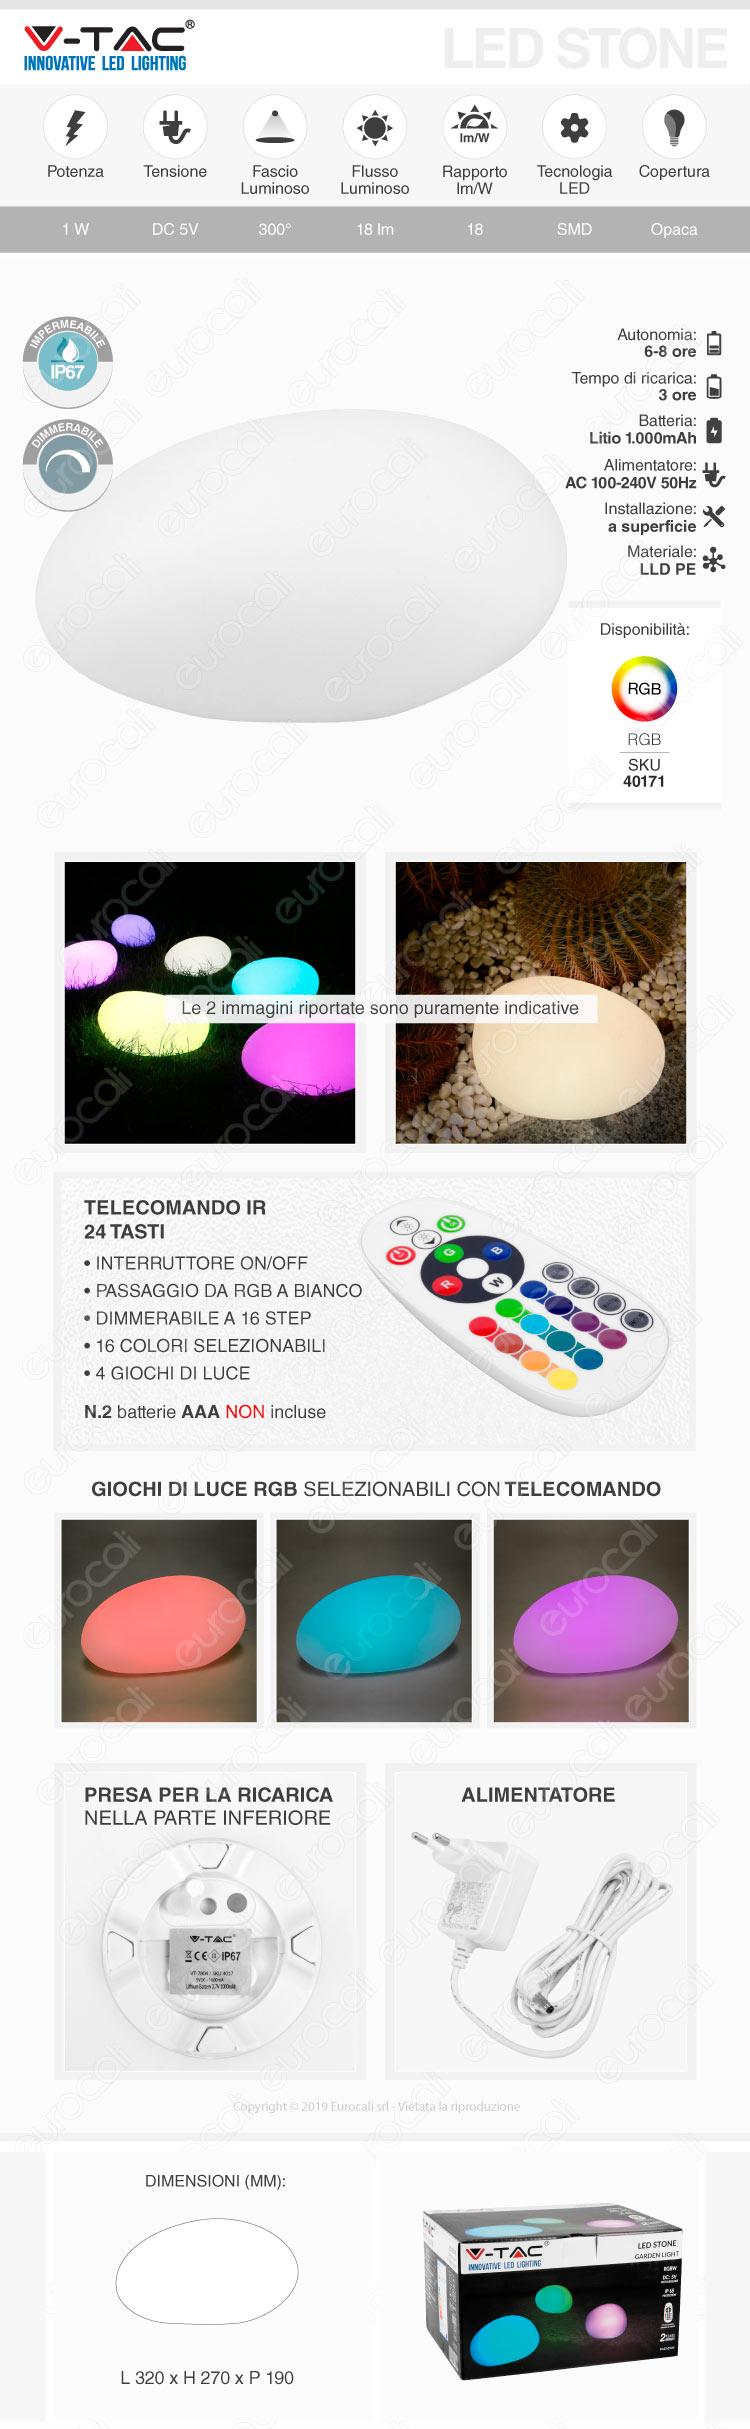 VT-7802 V-Tac LED Stone Multicolor RGB 1W Ricaricabile con Telecomando IP67